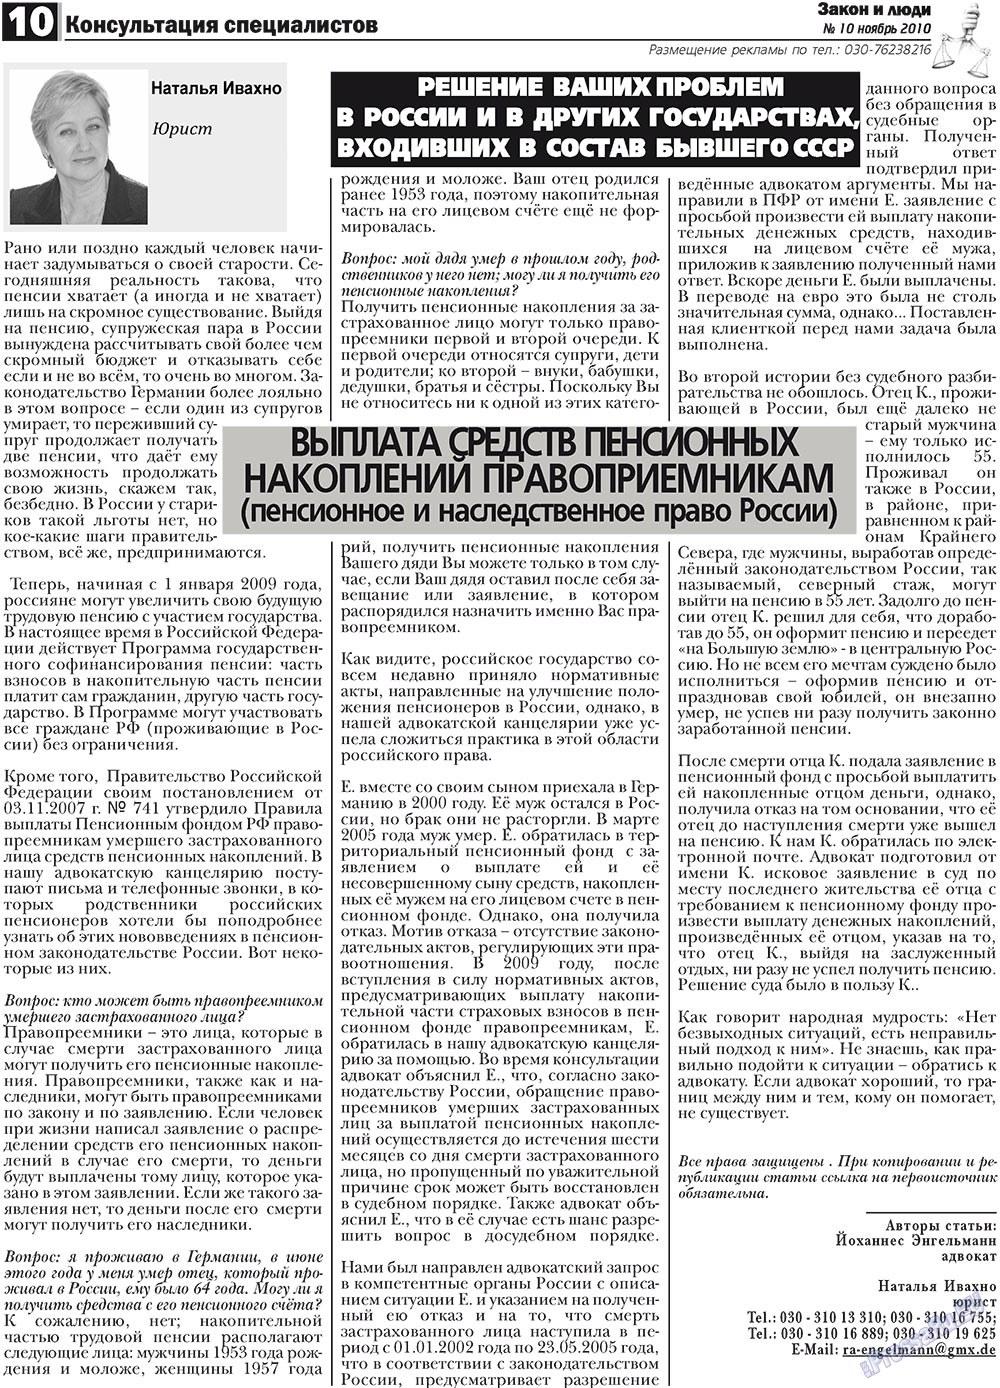 Закон и люди (газета). 2010 год, номер 10, стр. 10